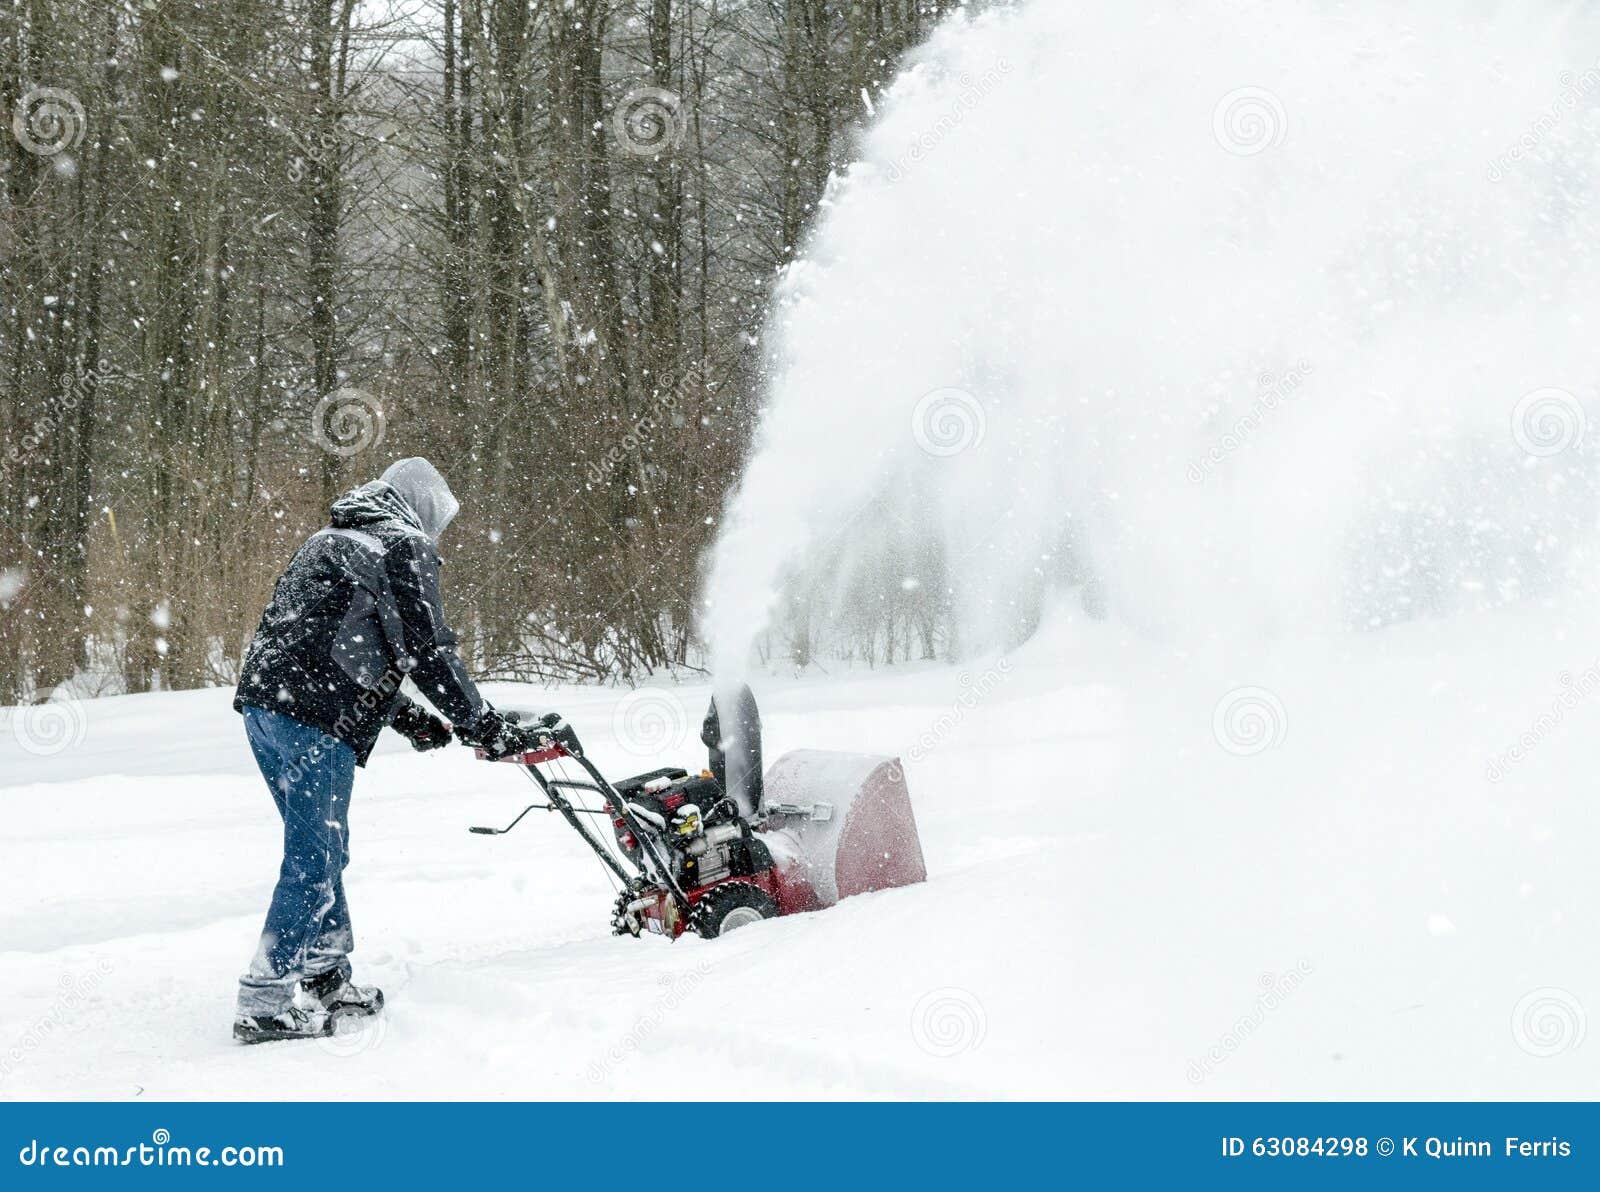 Download Explosion De Neige Une Tempête Photo stock - Image du snowblower, clear: 63084298